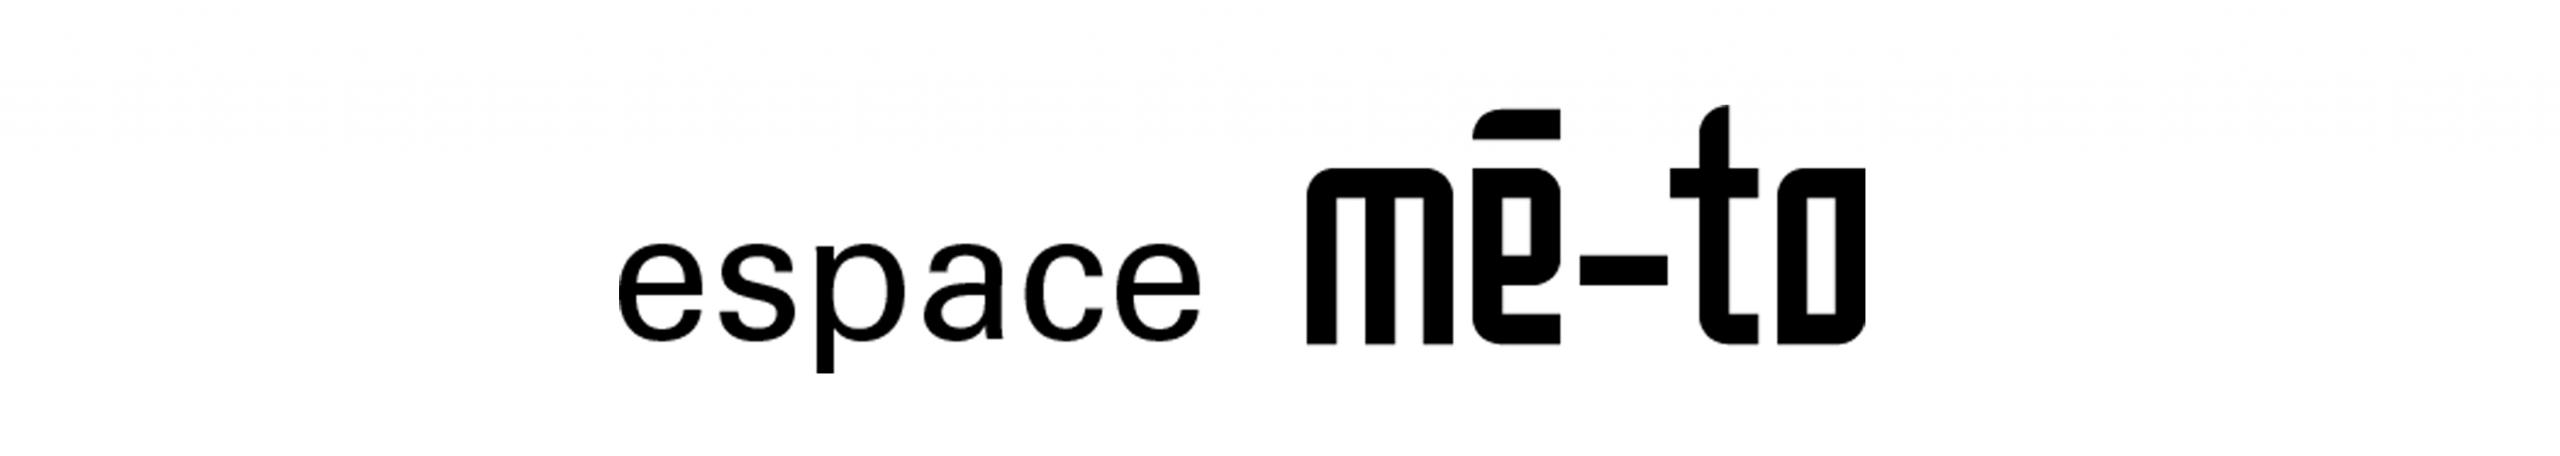 ESPACE ME-TO